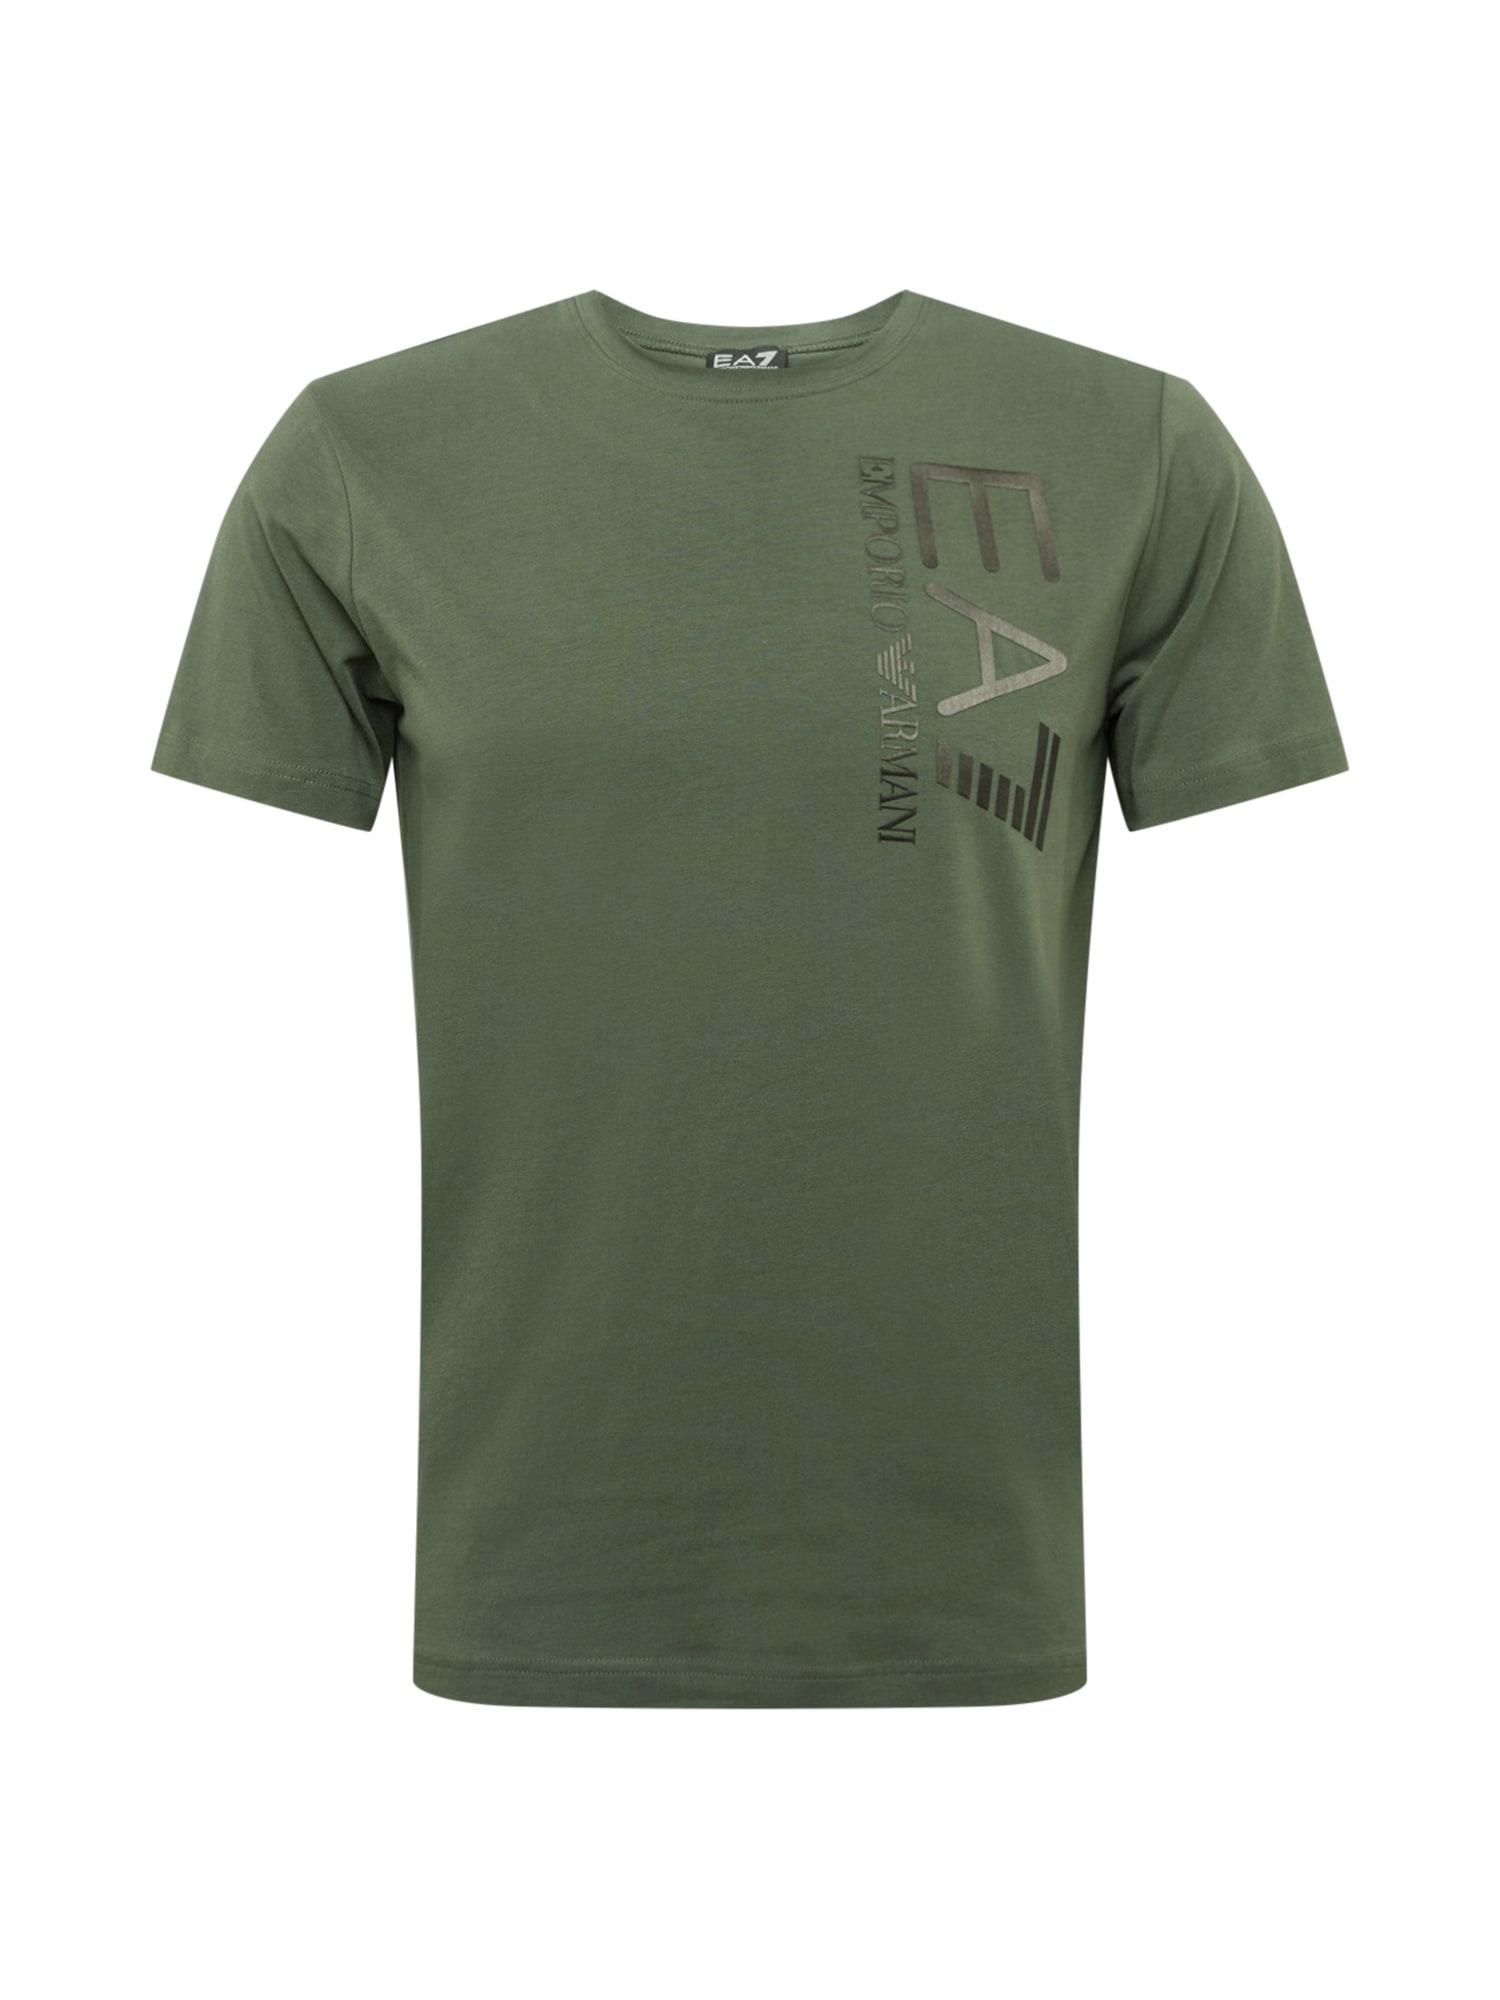 EA7 Emporio Armani Marškinėliai žalia / pilka